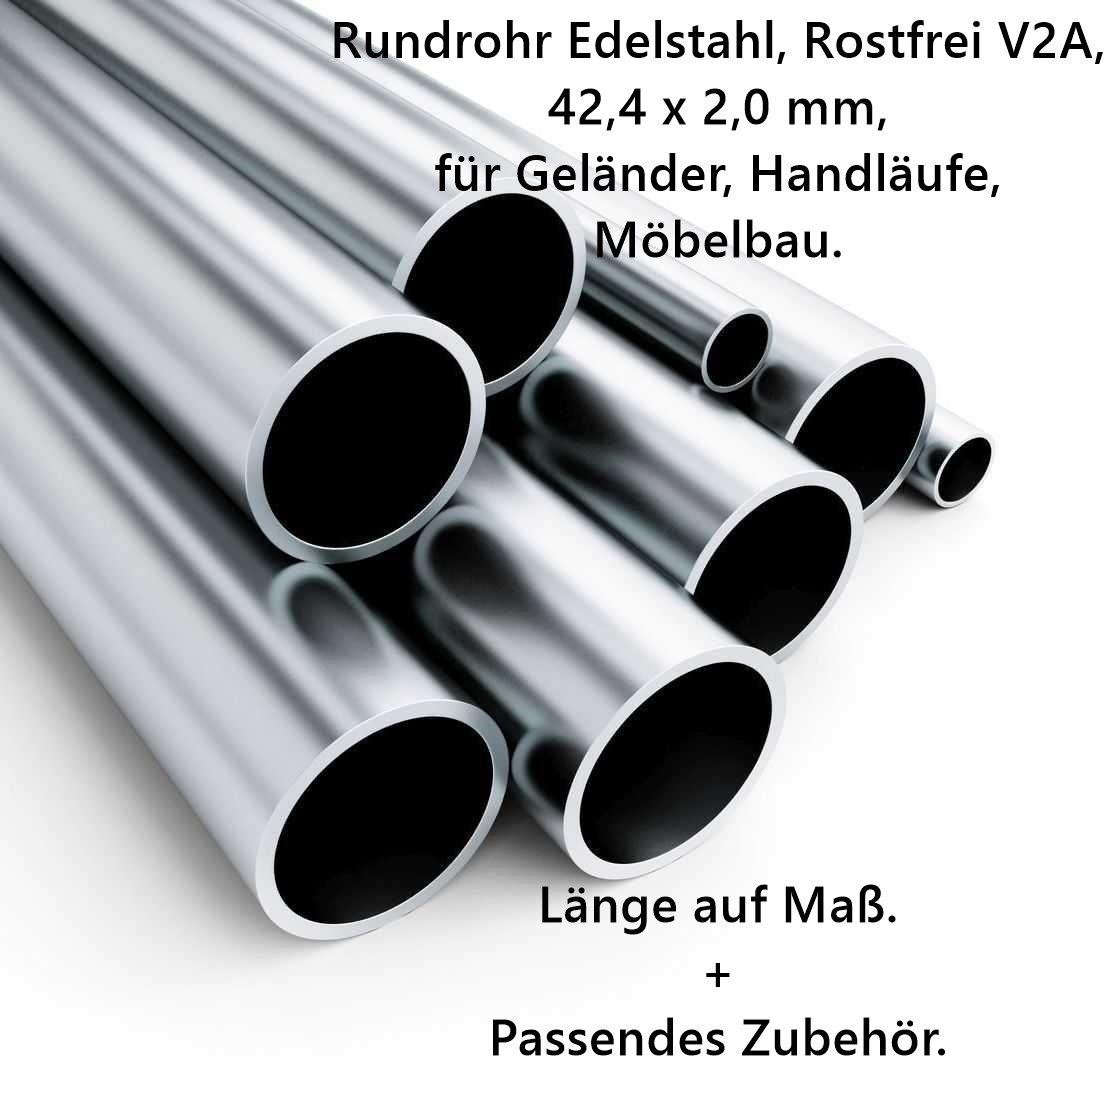 Edelstahl Handlauf Geländer 1,5 Meter Rohr 42,4mm Ø V2A TOP